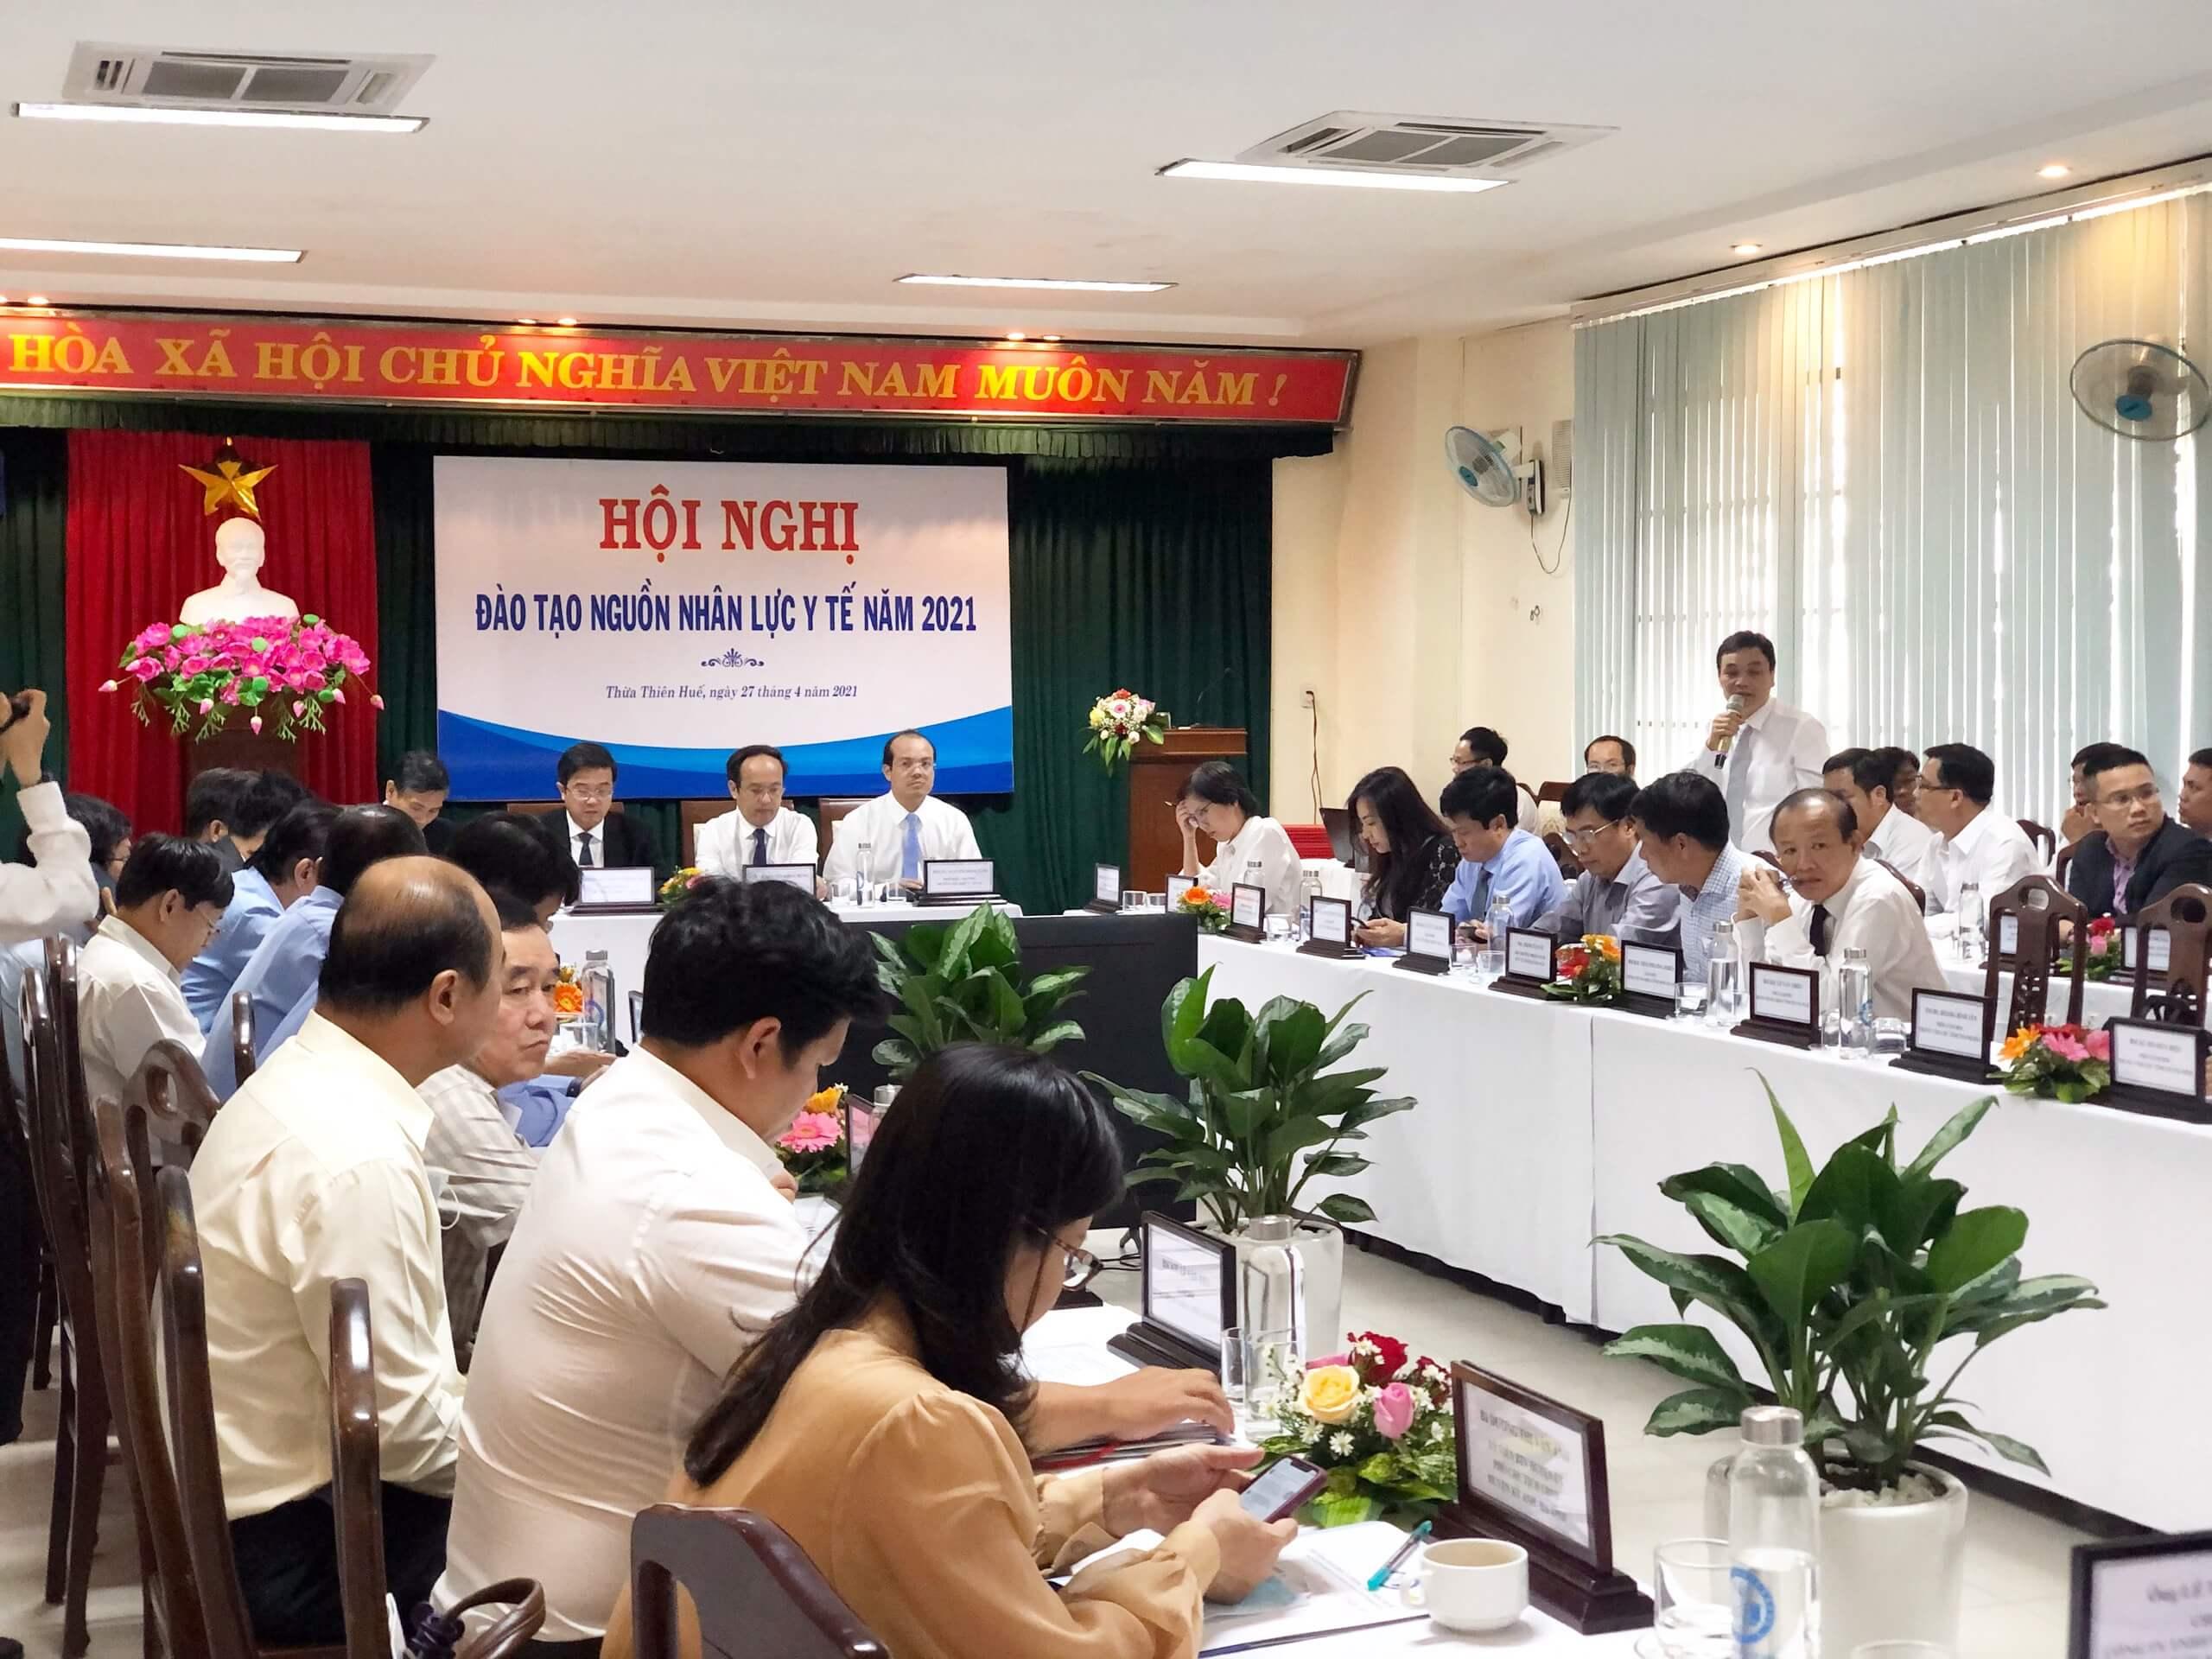 Nha Khoa Kim phát biểu tại Hội nghị đào tạo nguồn nhân lực y tế